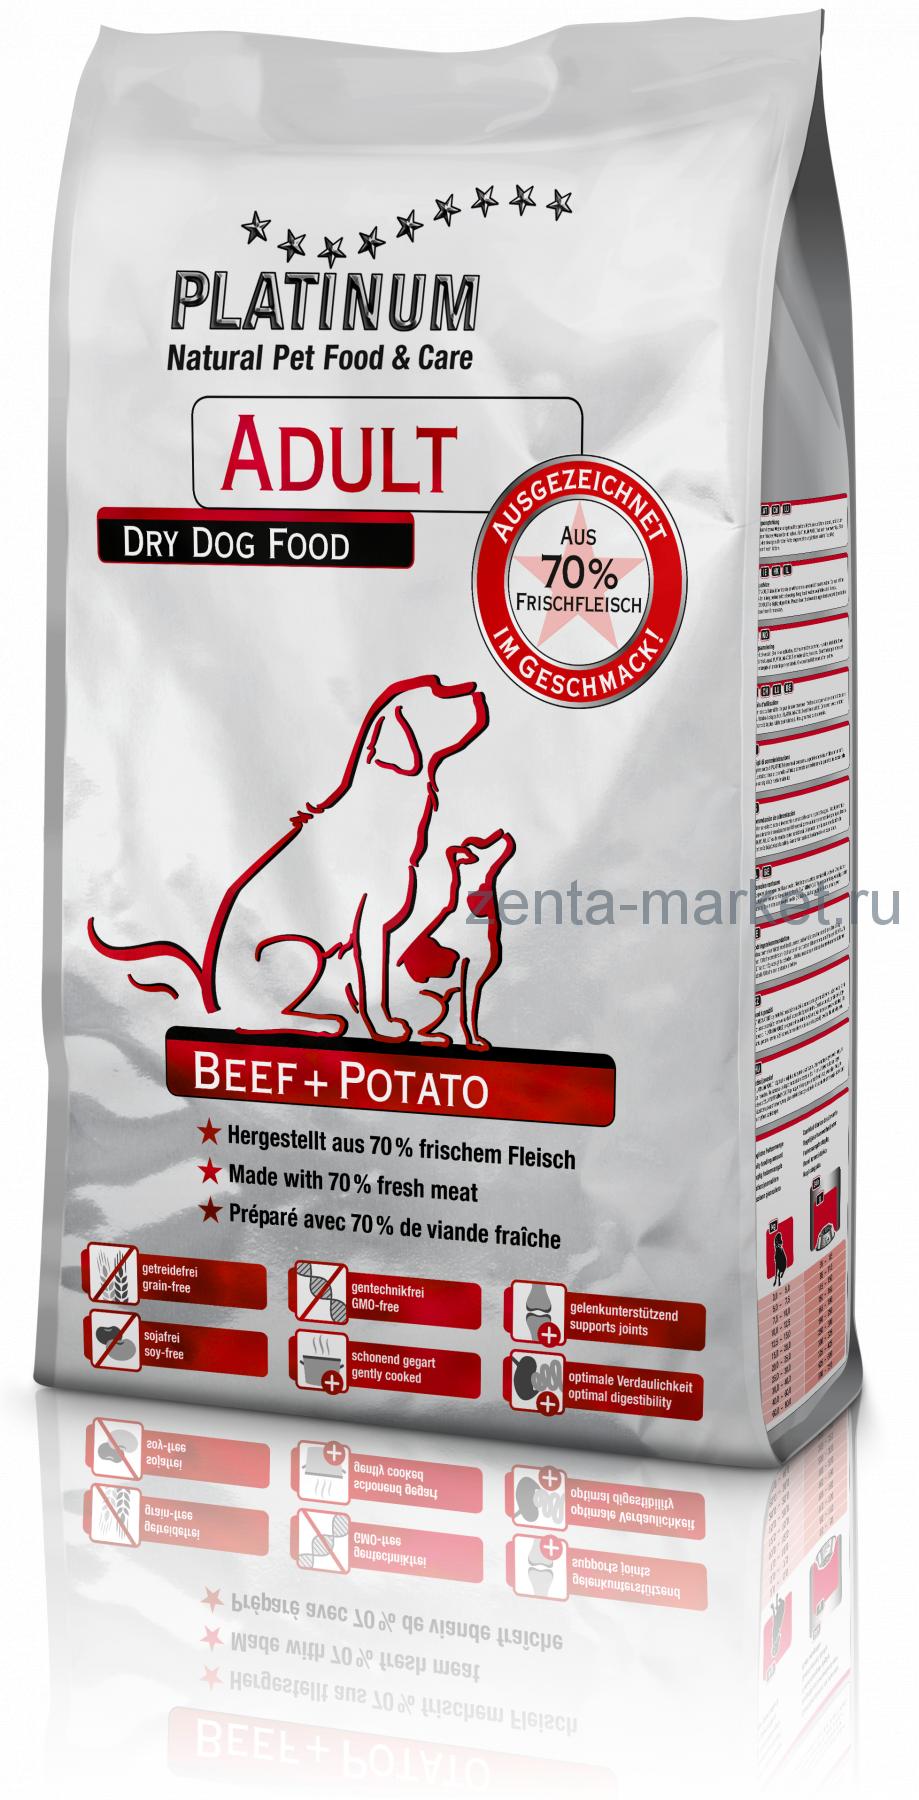 Platinum Adult Beef & Potato (ГОВЯДИНА С КАРТОФЕЛЕМ) 1.5кг, 5кг, 10 кг, 15кг, 31.5 кг;